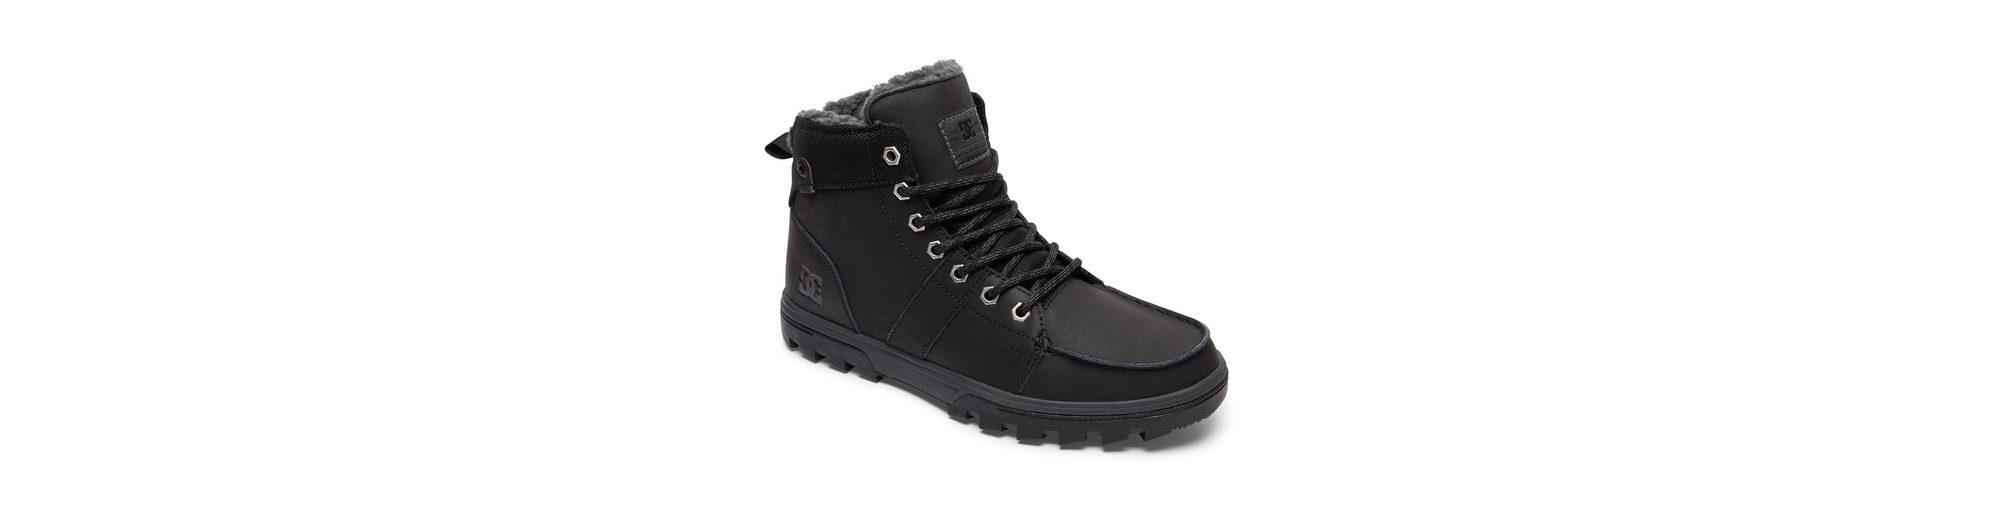 Spielraum Manchester Verkauf Heißen Verkauf DC Shoes Outdoor-Schuhe Woodland Finish Günstig Online Verkauf Echten Spielraum WB1BnyC